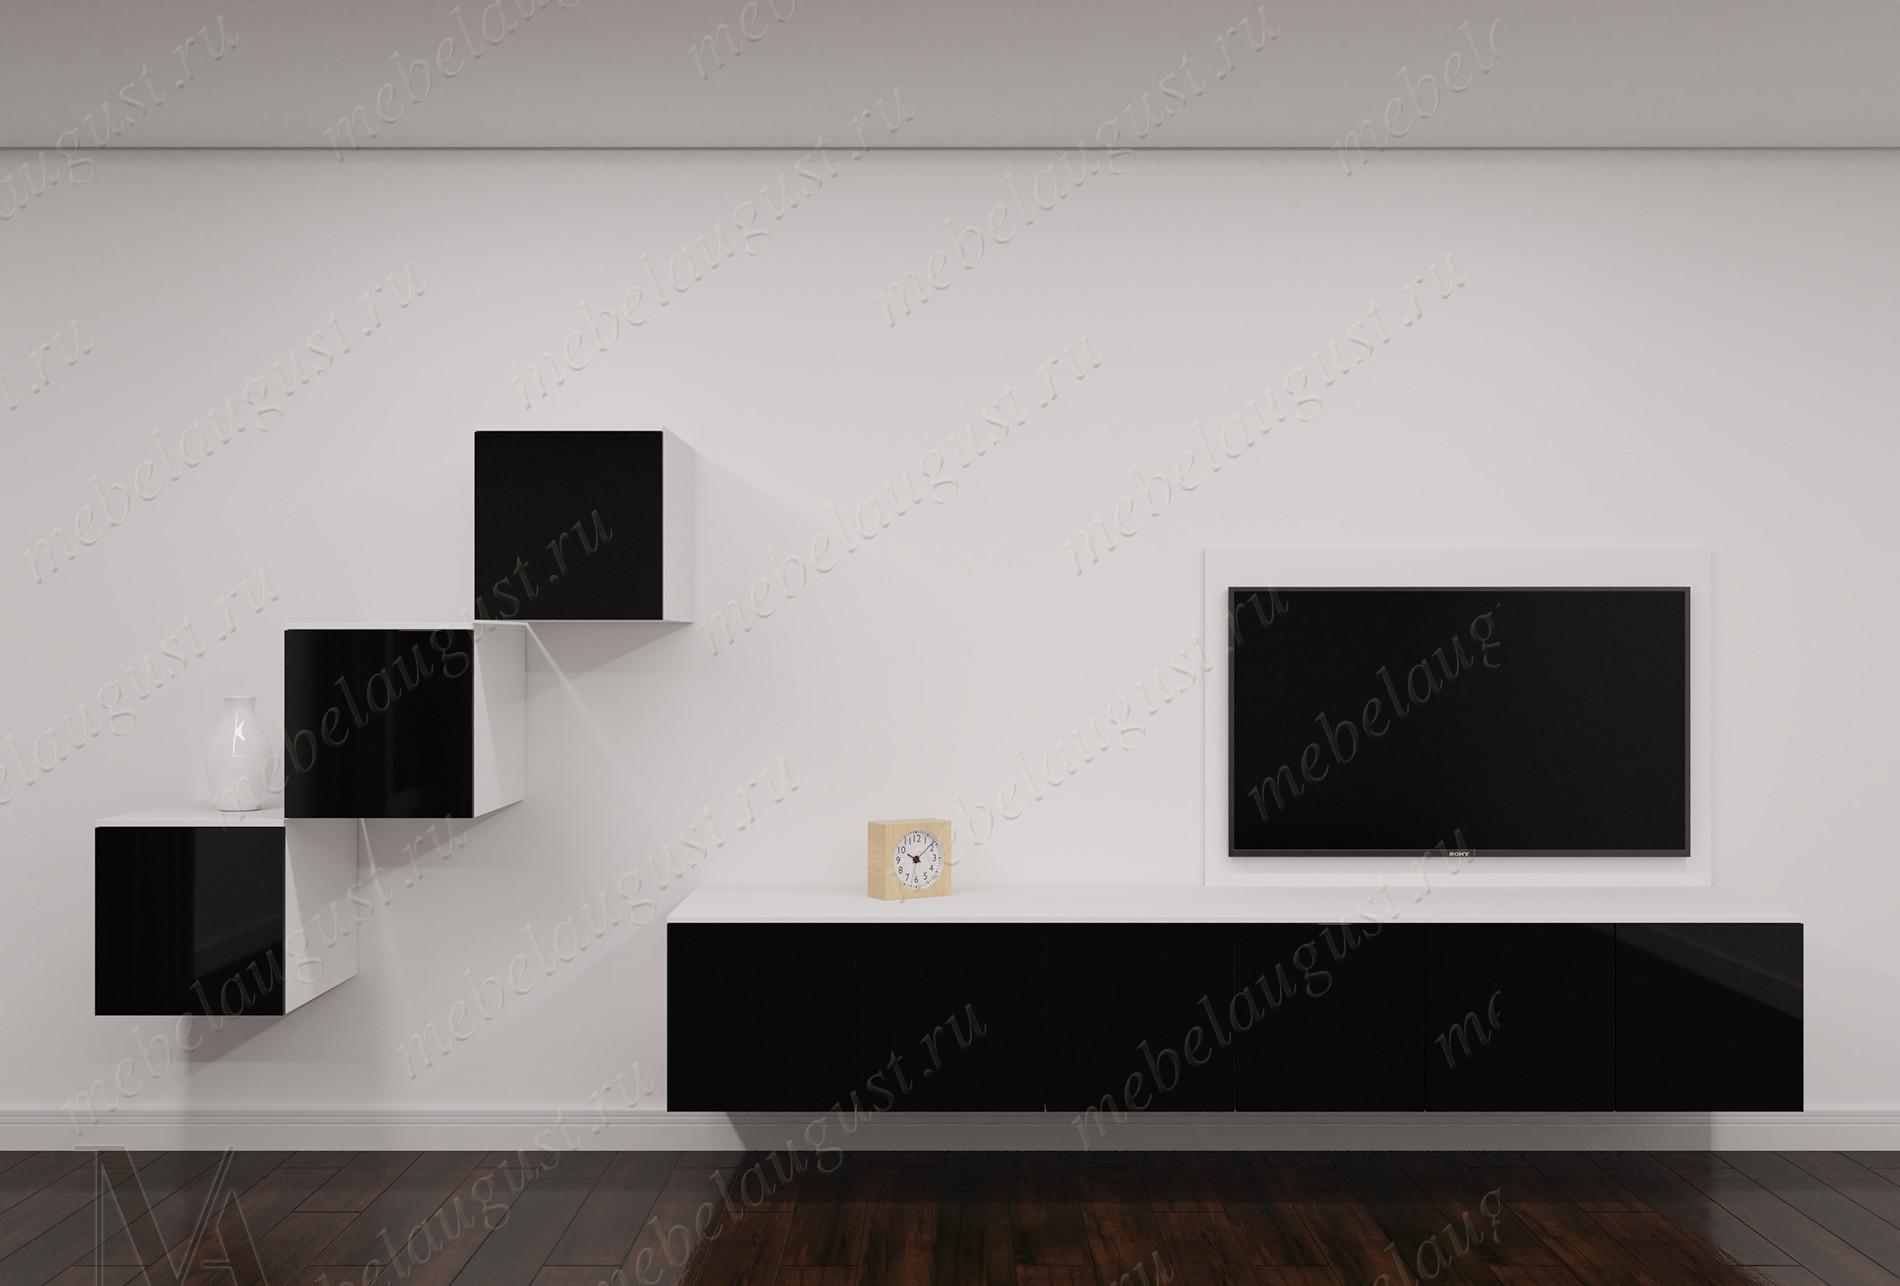 Черно-белая глянцевая малогабаритная мебельная стенка под тв в спальню